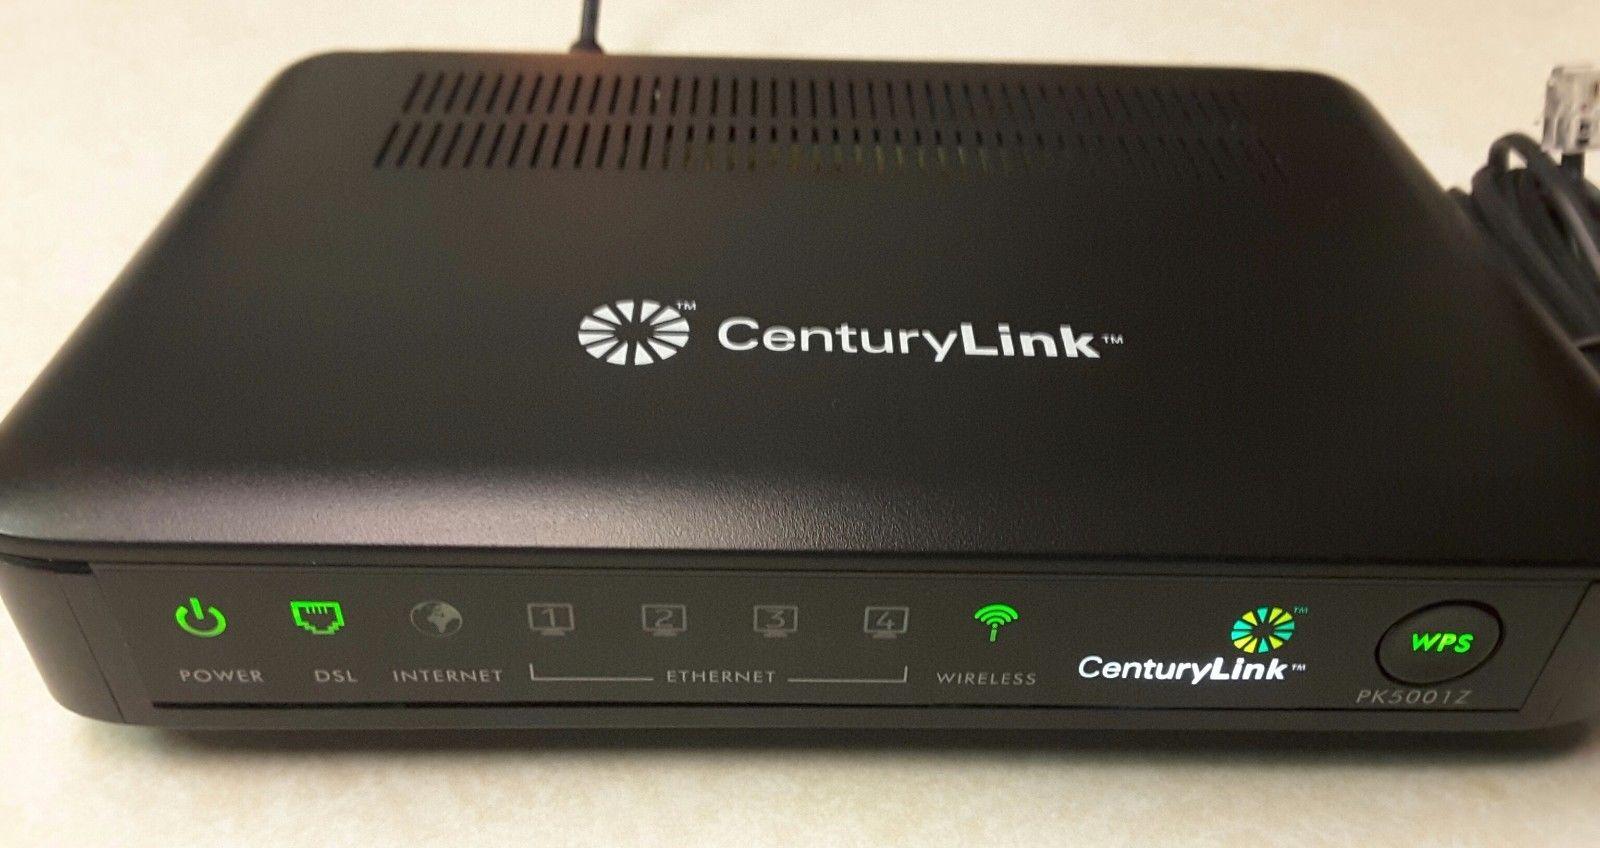 Centurylink Wireless Router Setup Pk5001z Image Oakwoodclub